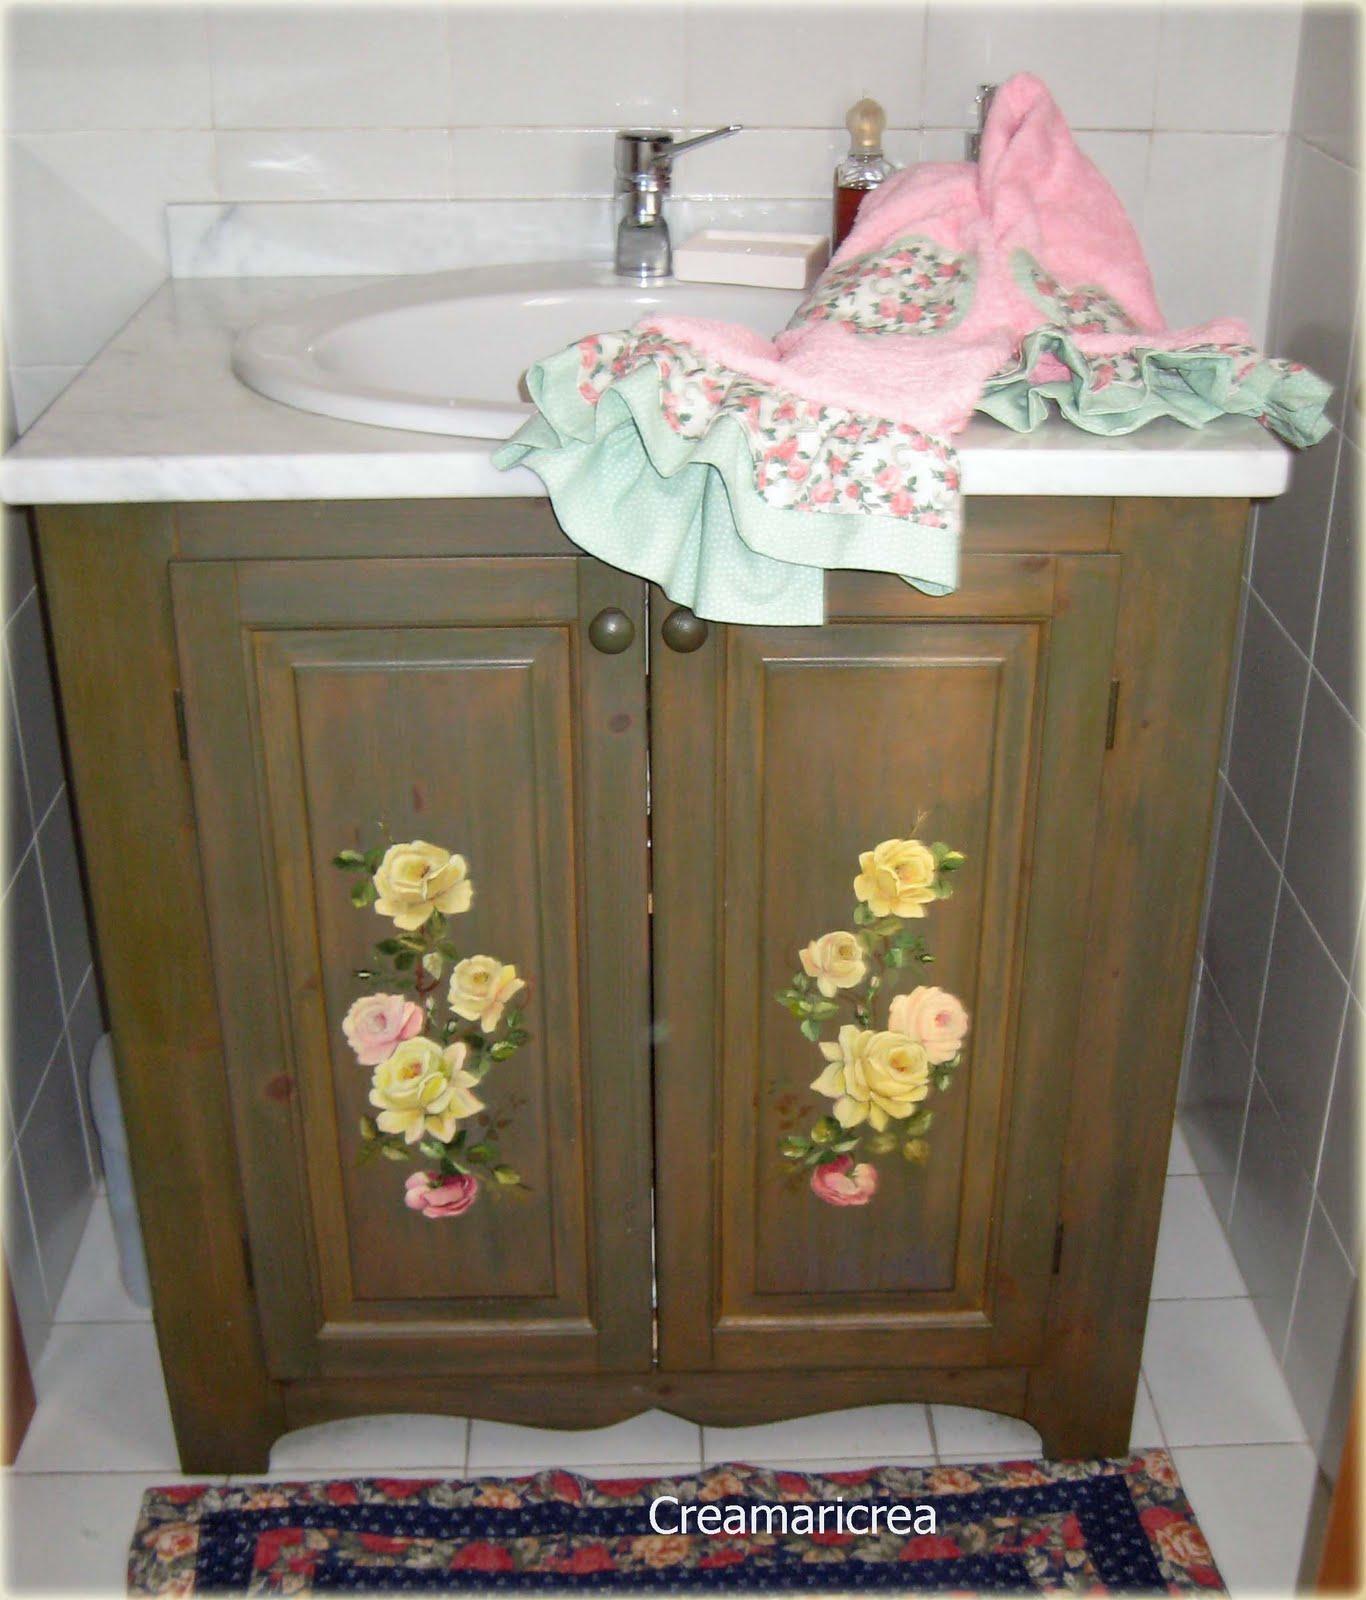 Specchio armadietto bagno - Mobile asciugamani bagno ...